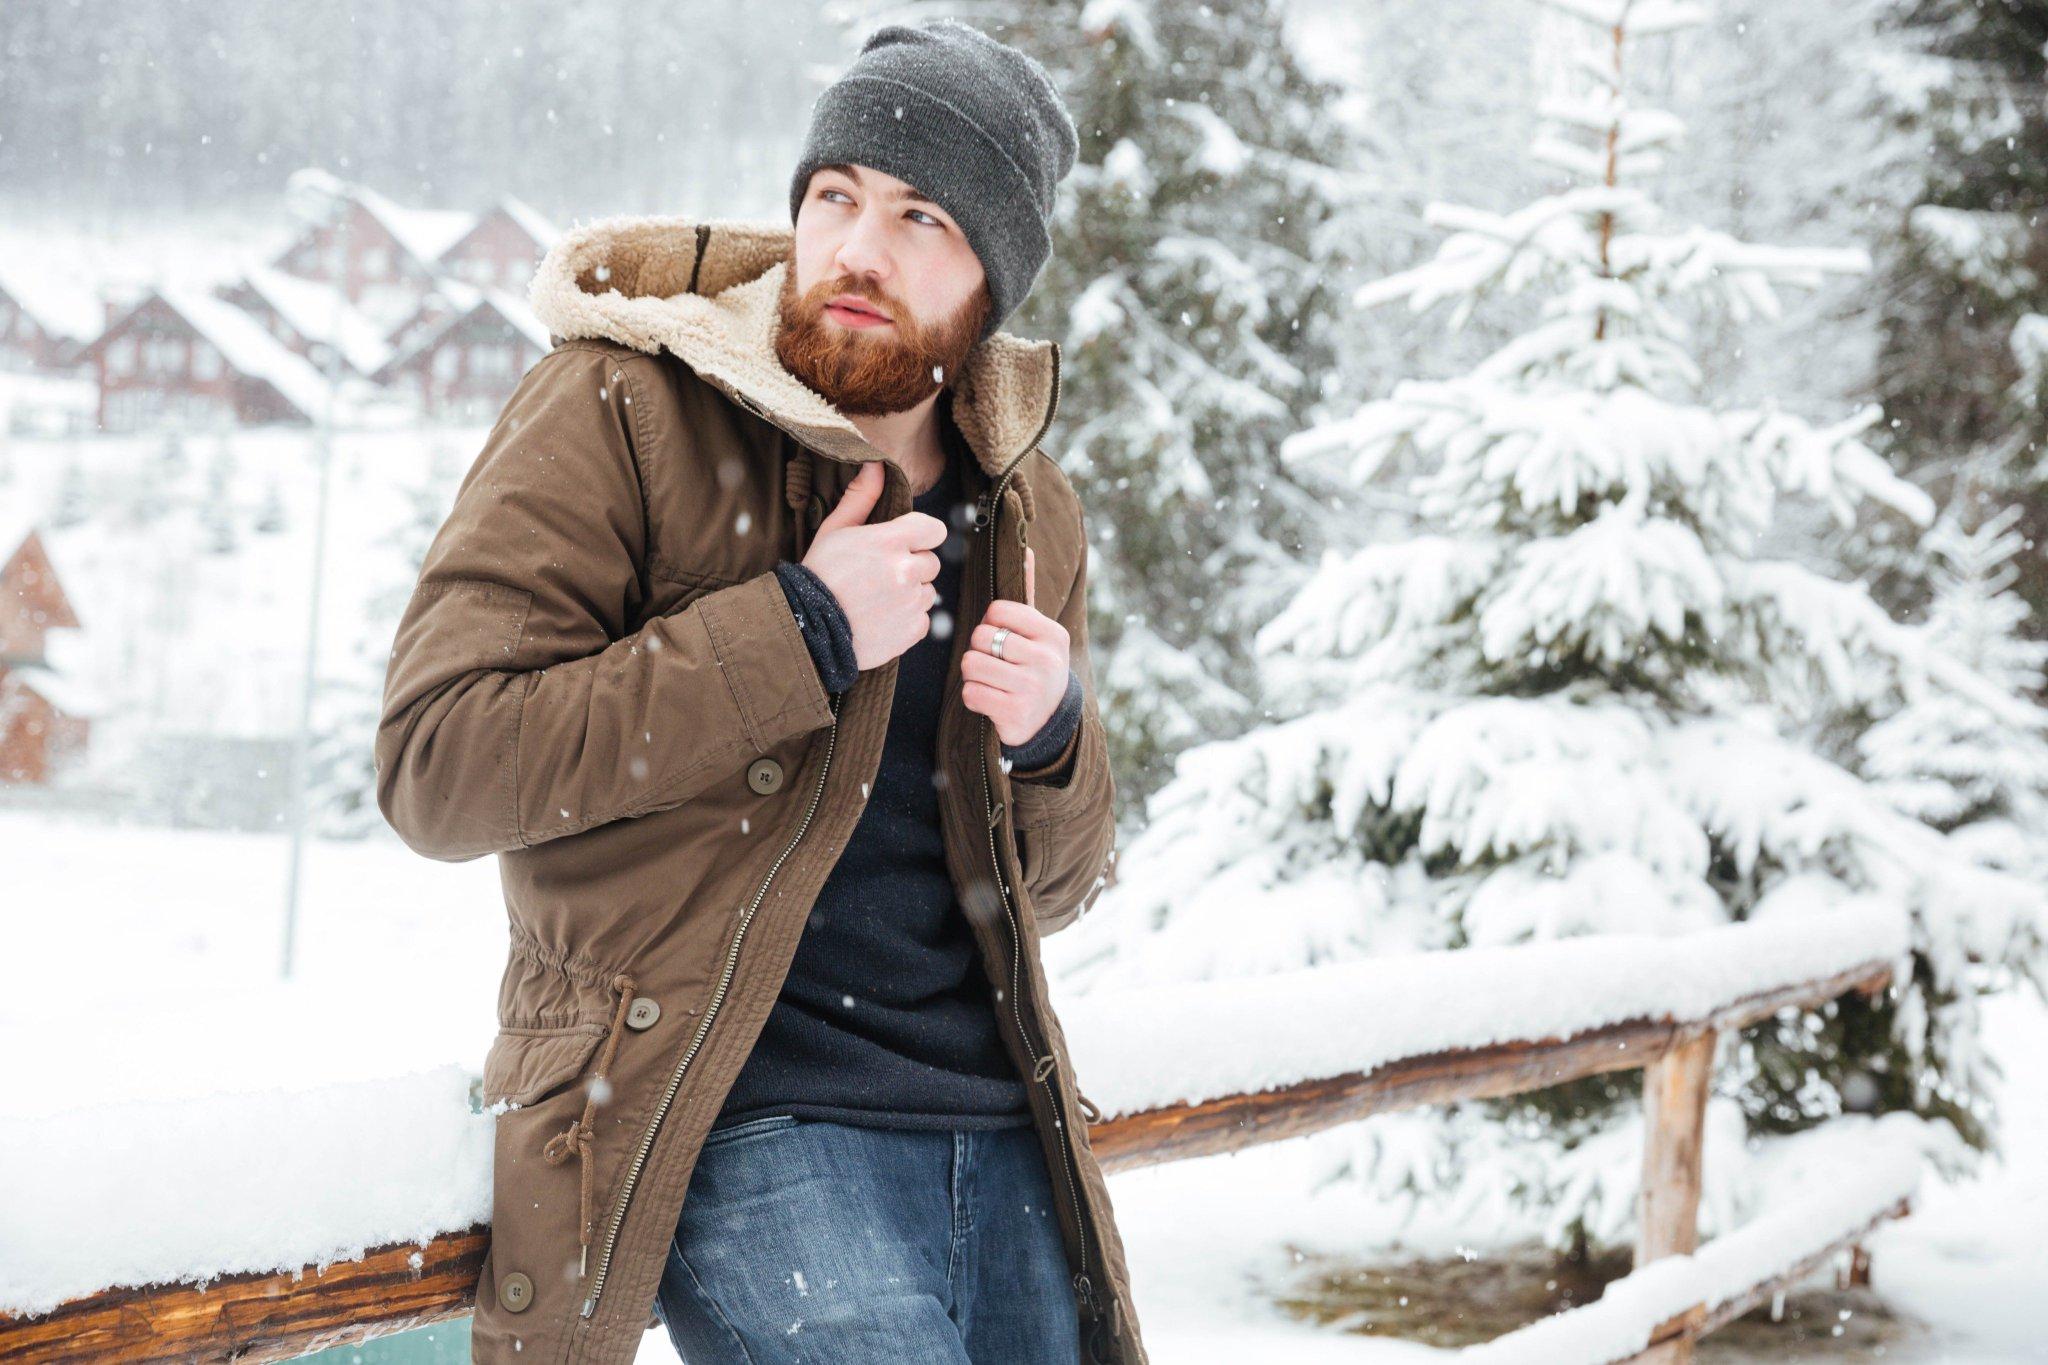 фото мужчина зимой в лесу этой темке наши